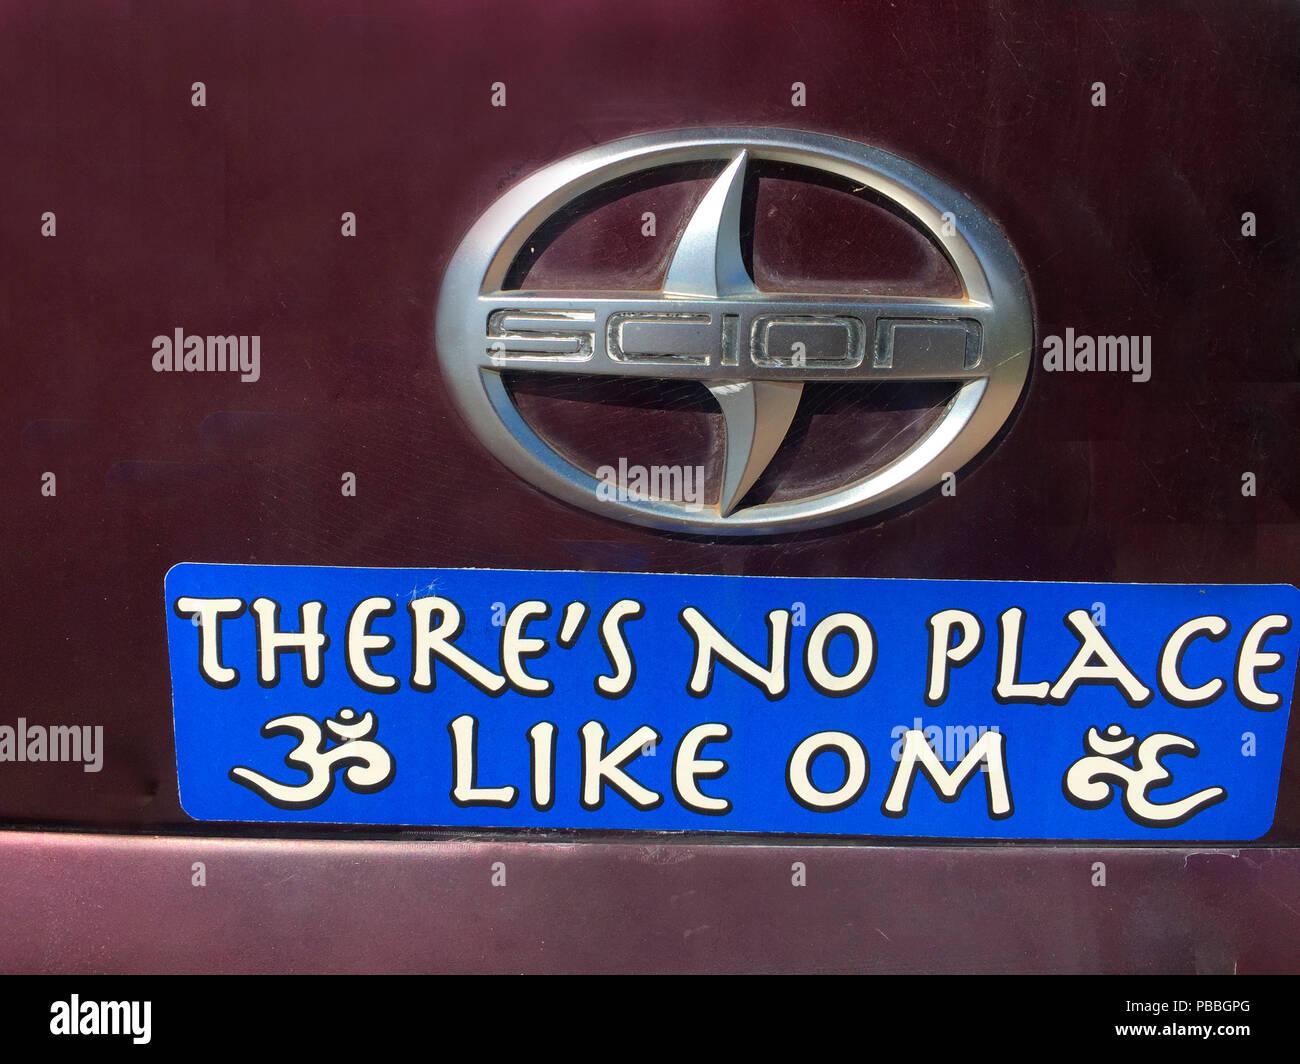 Un segno sul retro di un furgone, Maui, Hawaii. Nessun luogo come casa o OM, in inglese e in sanscrito script, Maui, Hawaii, STATI UNITI D'AMERICA Immagini Stock